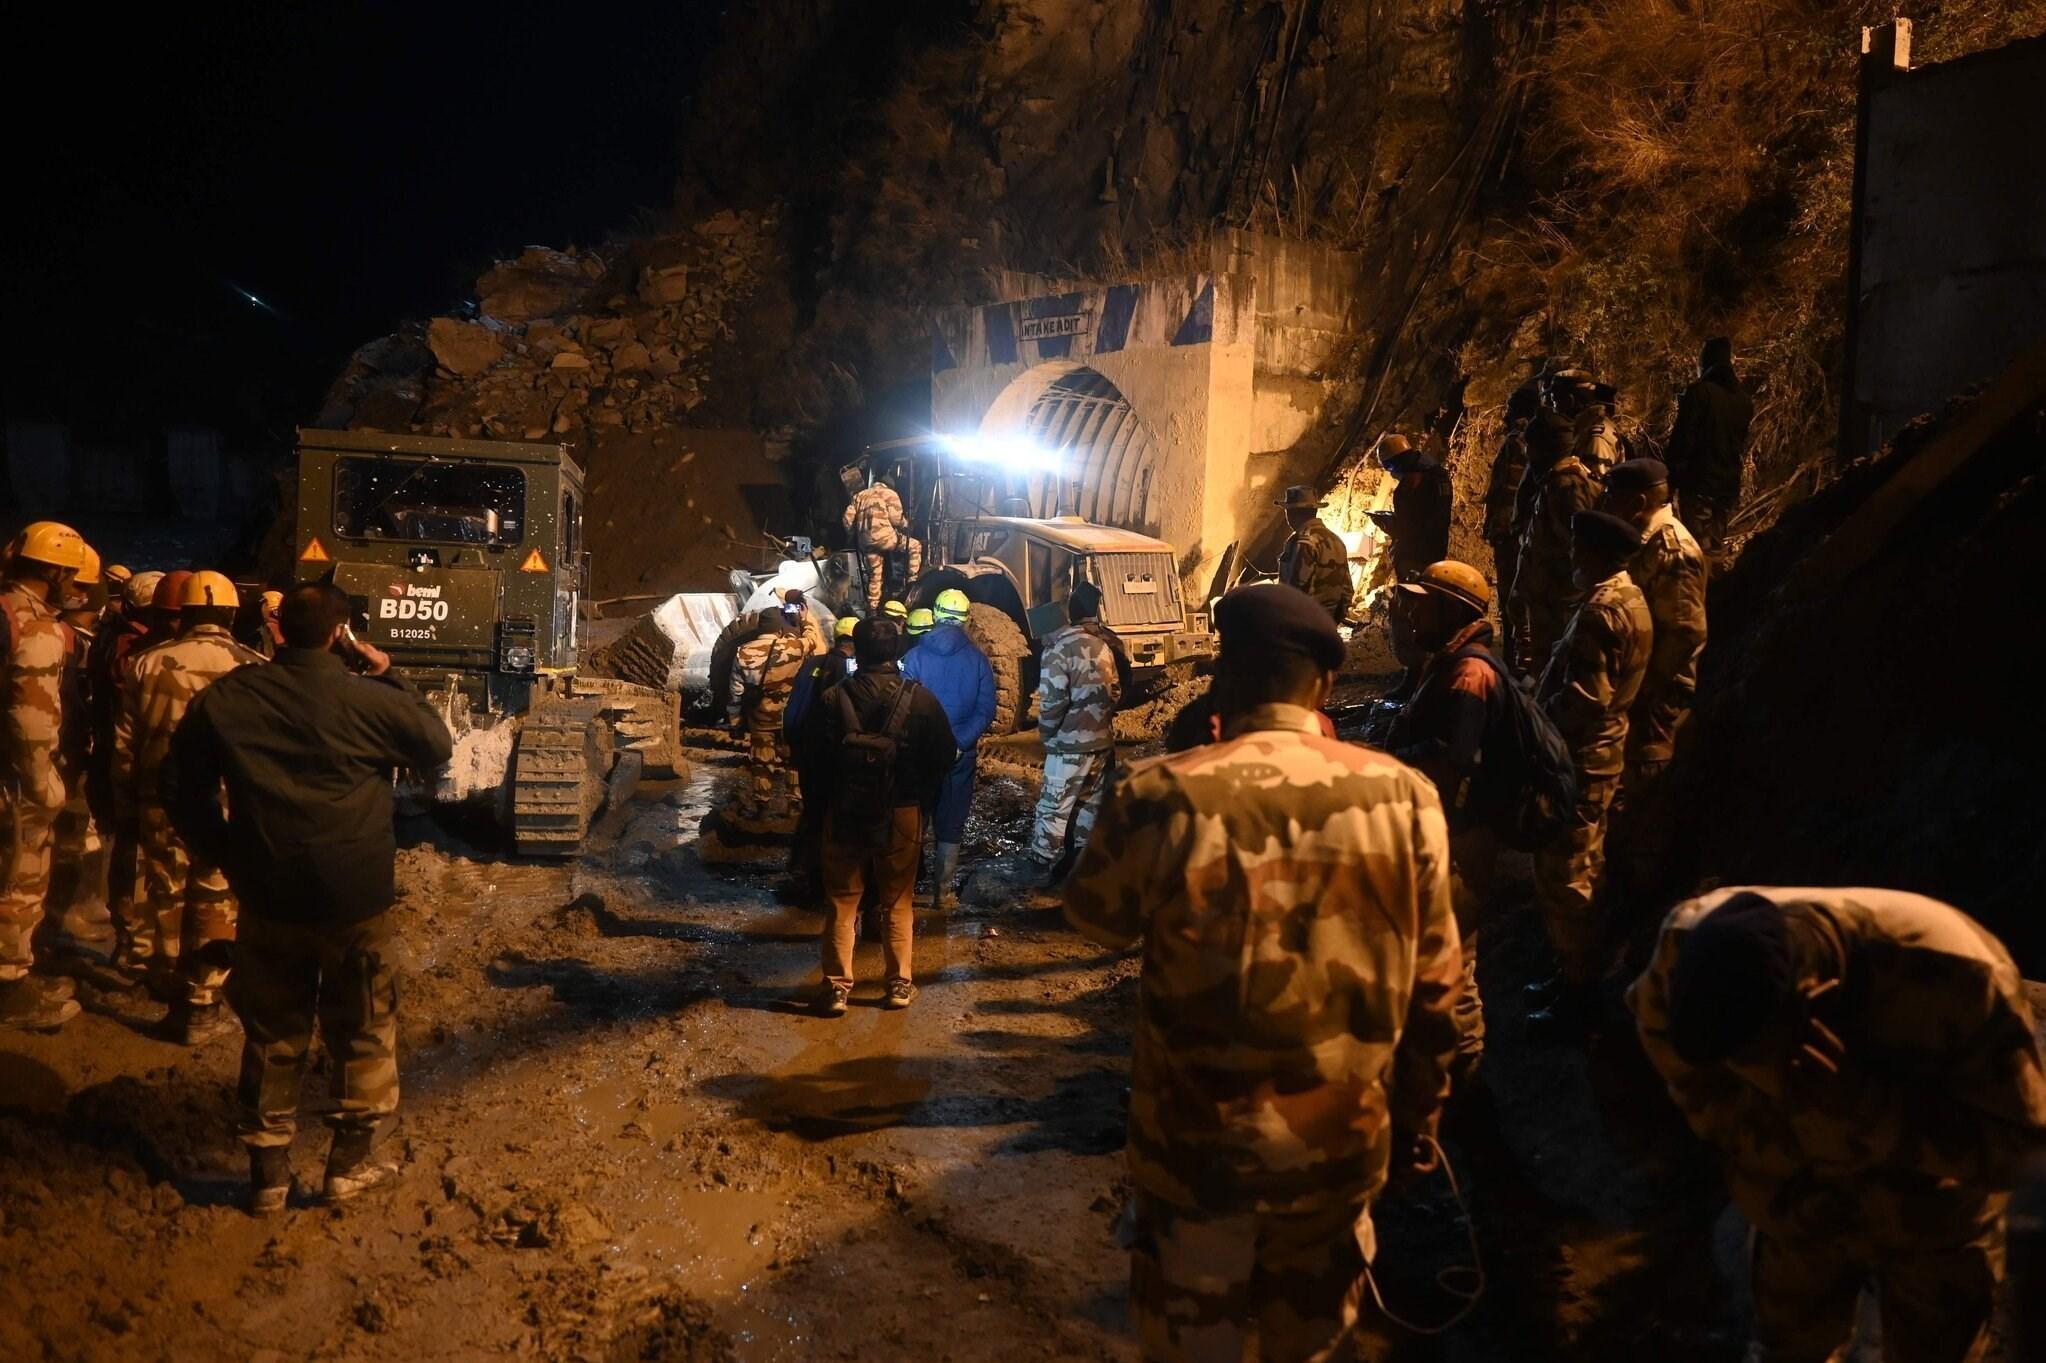 ۲۶ کشته و ۲۰۰ مفقودی بر اثر سقوط یخچال طبیعی در هند / تصاویر